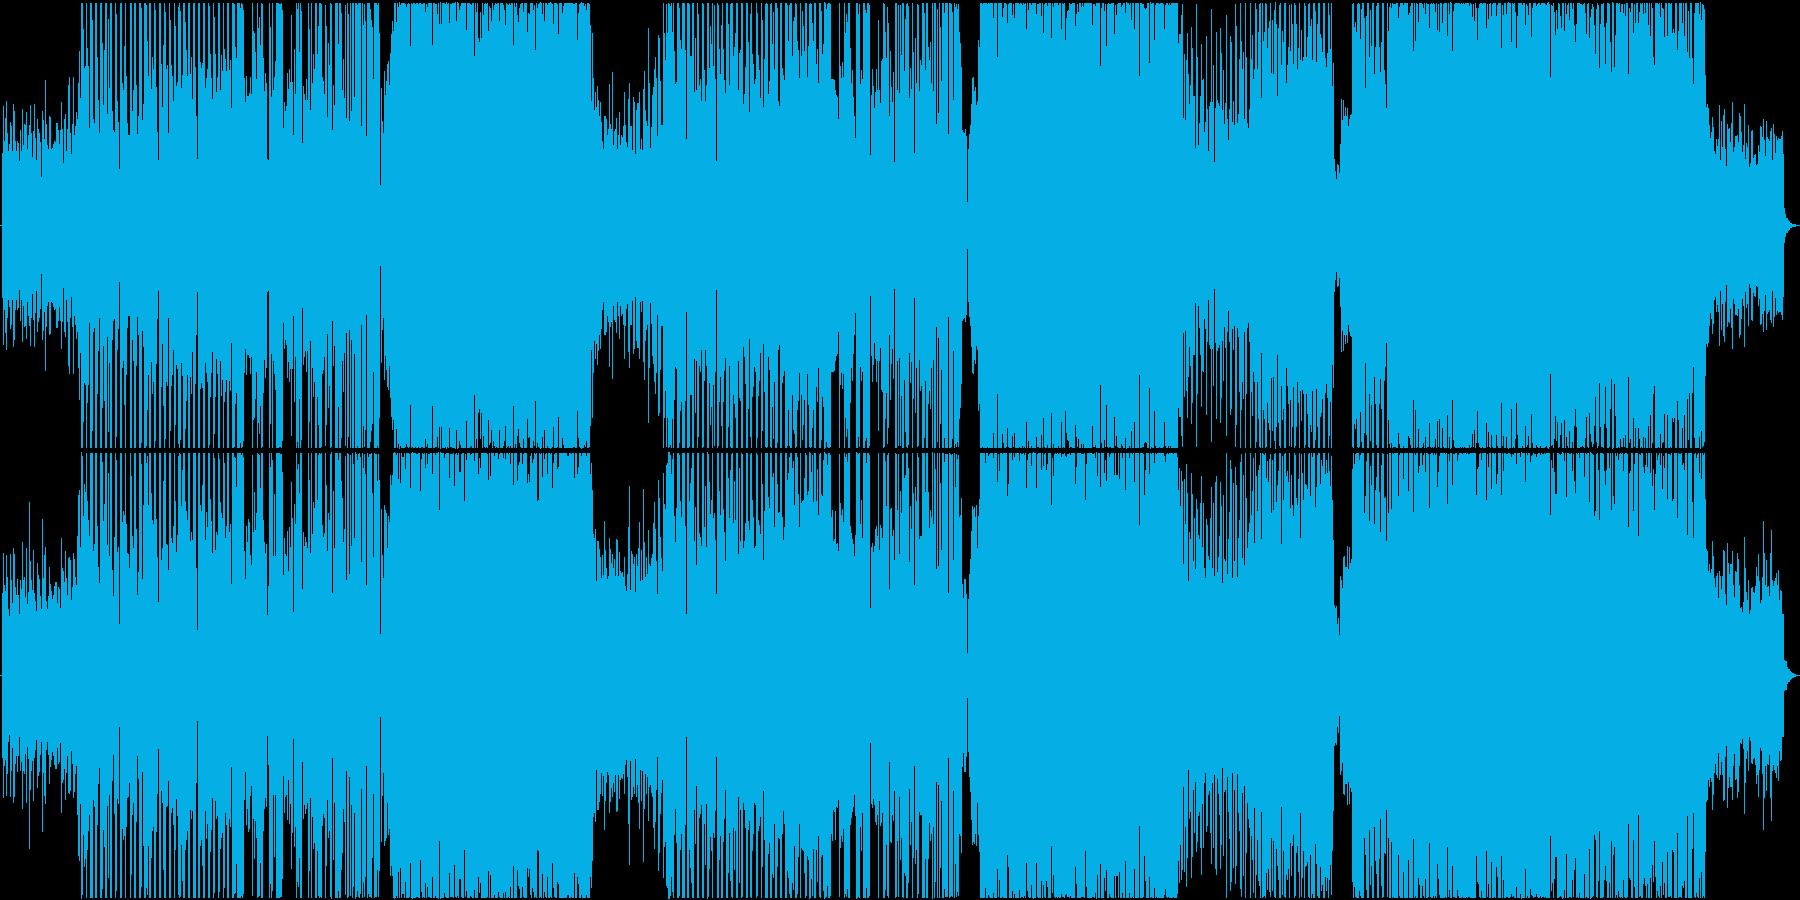 風刺系エレクトロソング。衝動的!の再生済みの波形